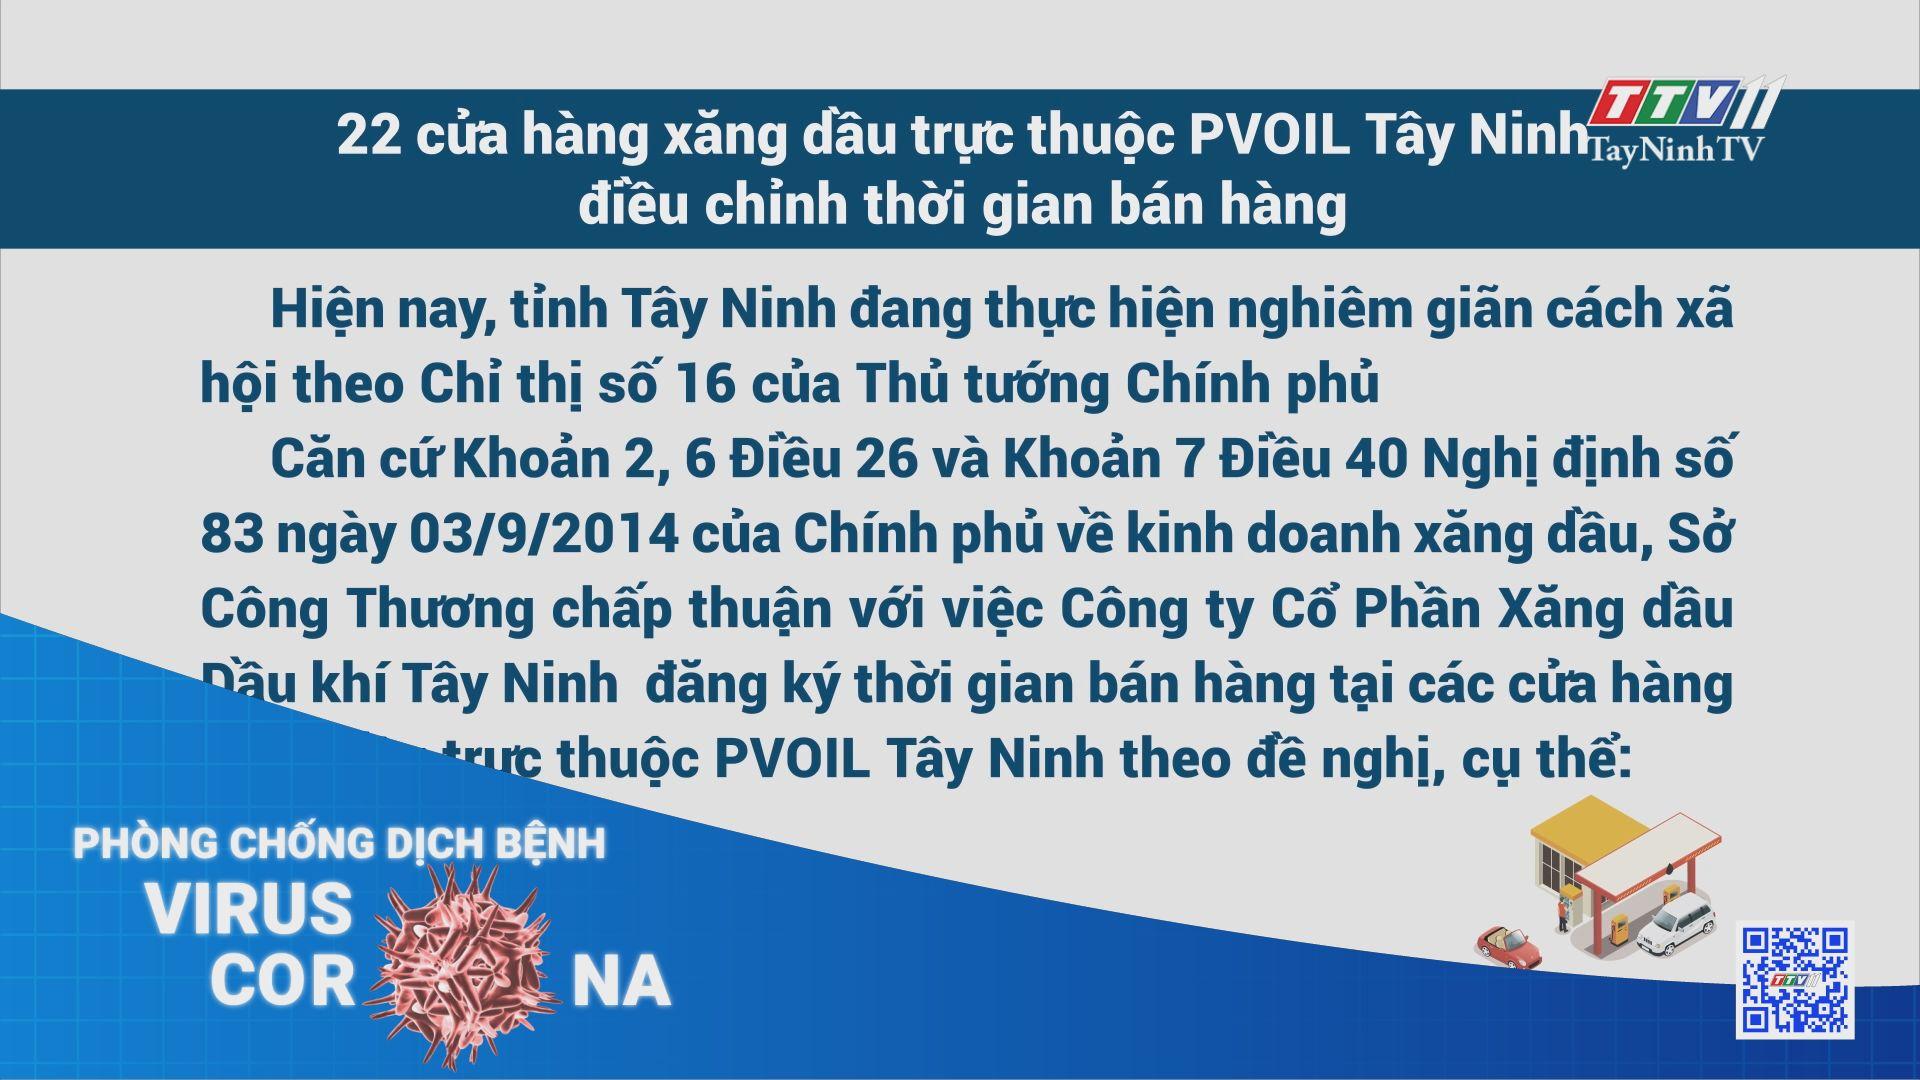 22 cửa hàng xăng dầu trực thuộc PVOIL Tây Ninh điều chỉnh thời gian bán hàng | THÔNG TIN DỊCH COVID-19 | TayNinhTV